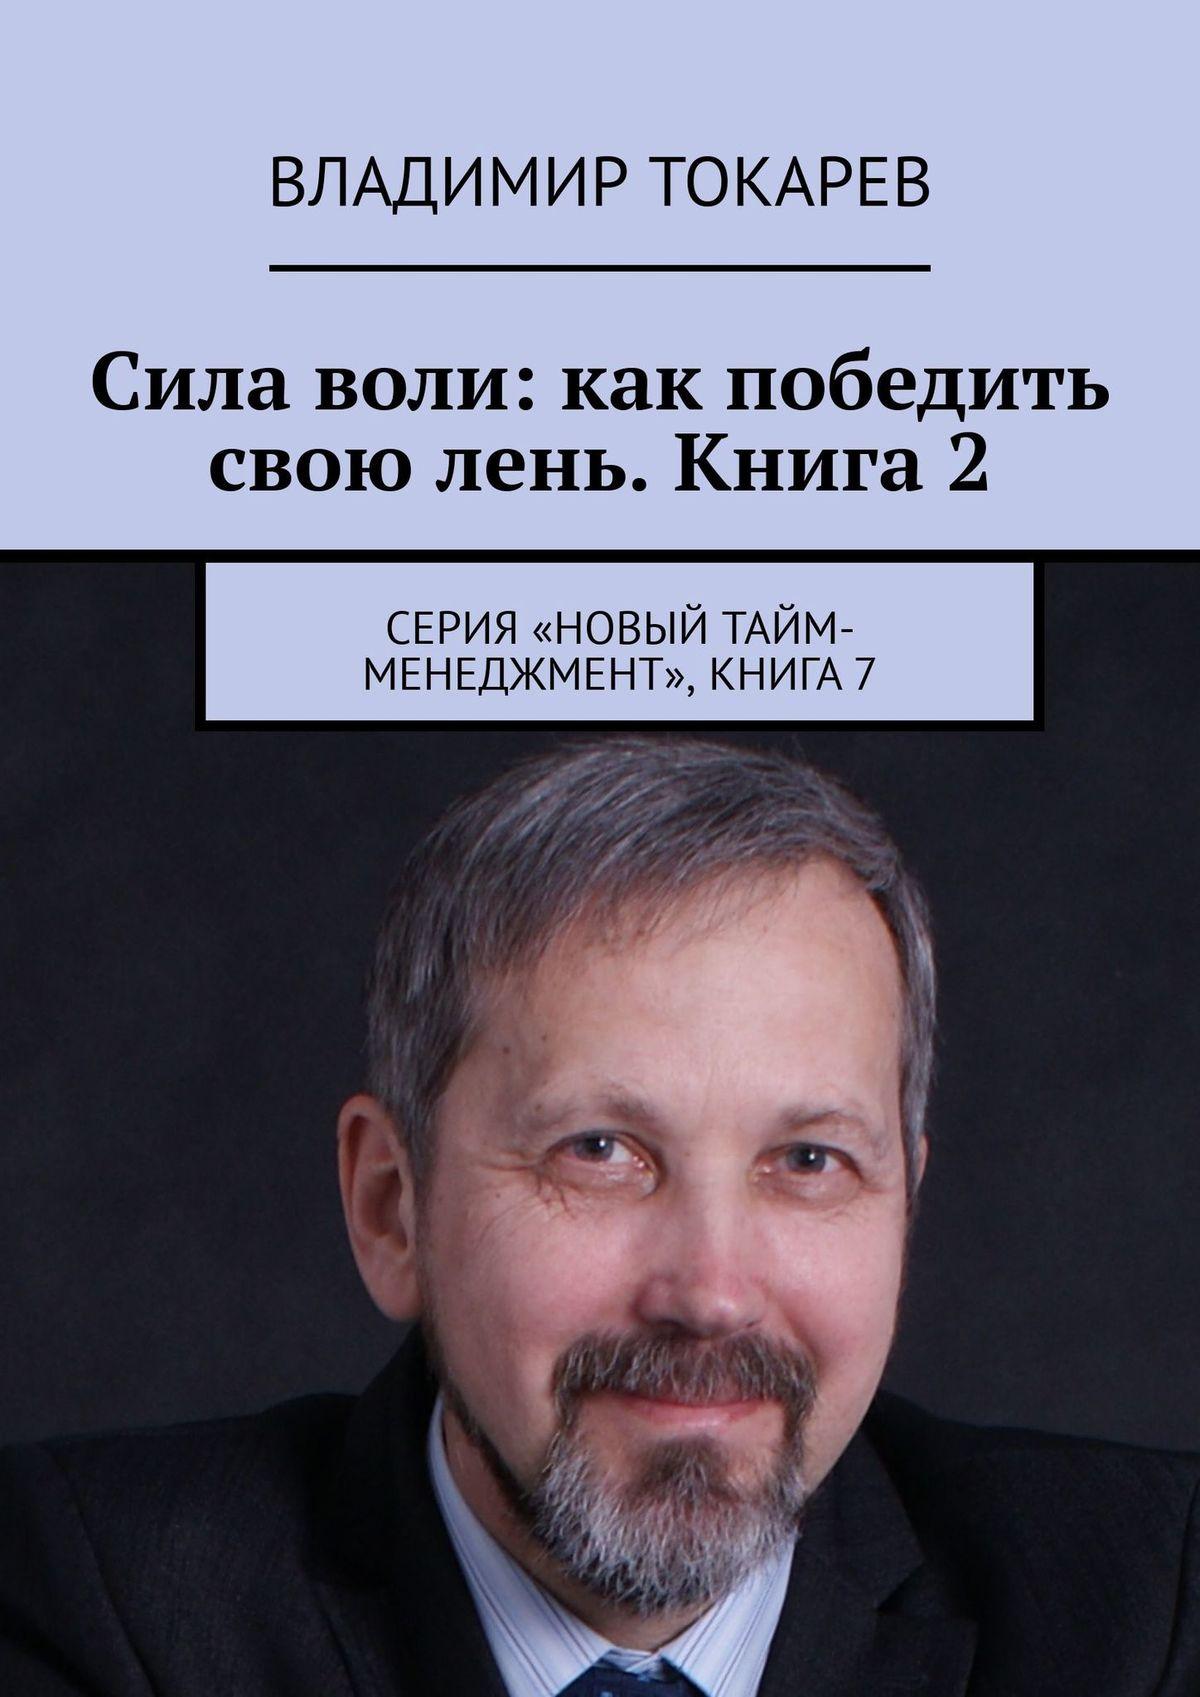 Владимир Токарев Сила воли: как победить свою лень. Книга 2. А также книга – «Рождение видео-практикума» альт дневник для музыкальной школы черный рояль